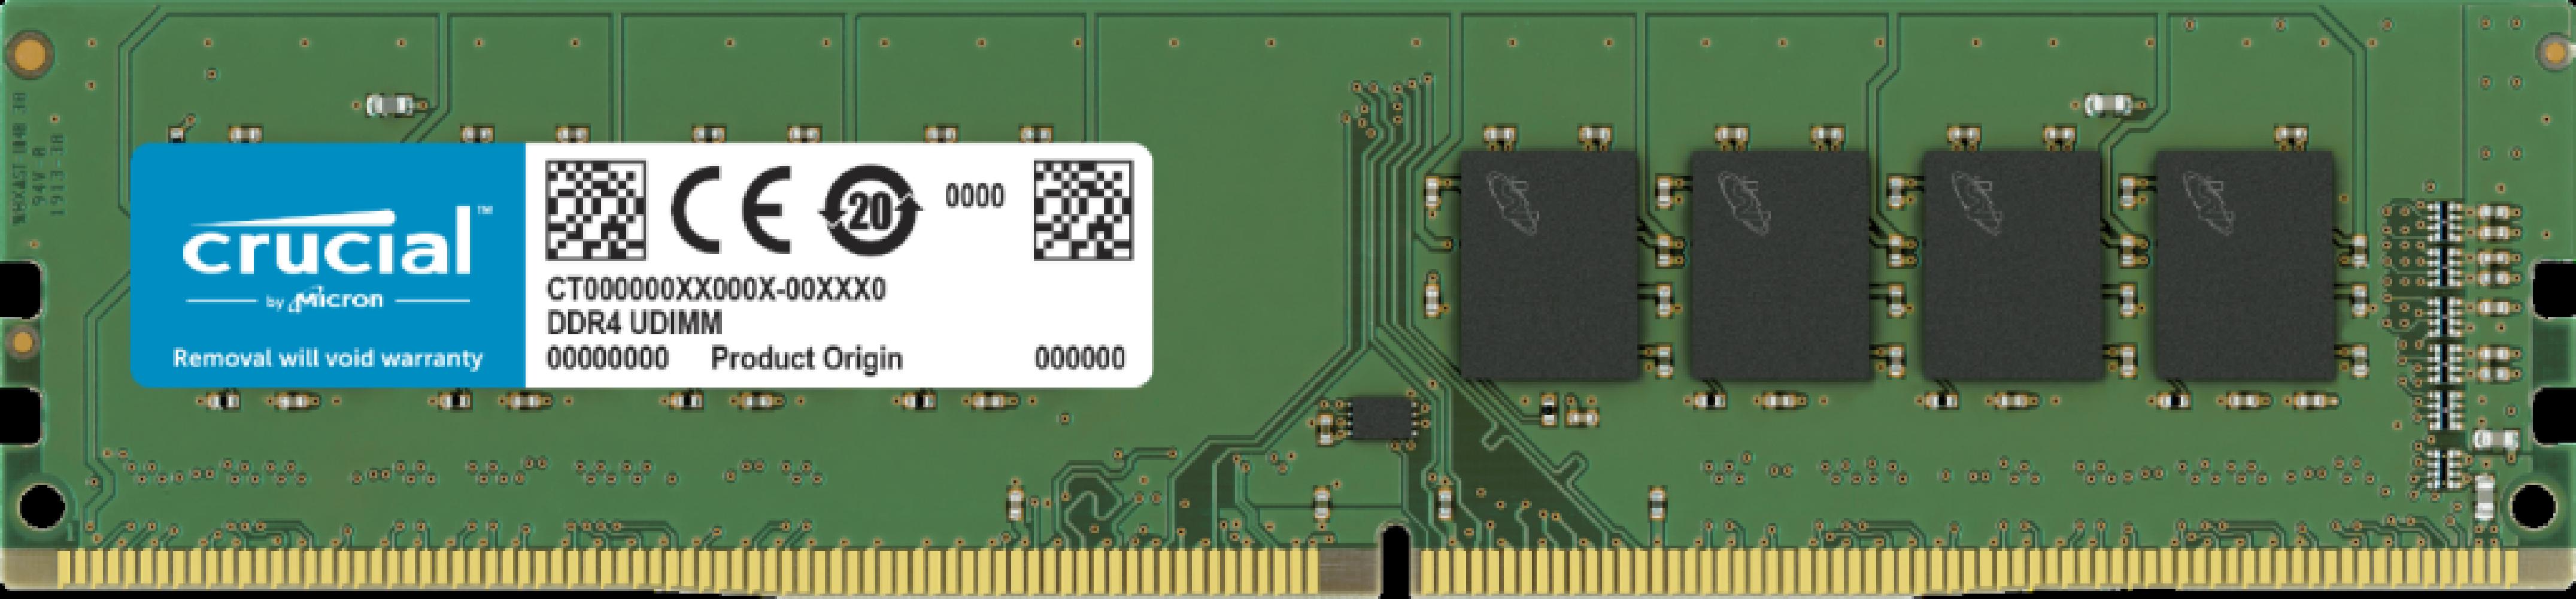 Crucial 8GB DDR4-2666 UDIMM